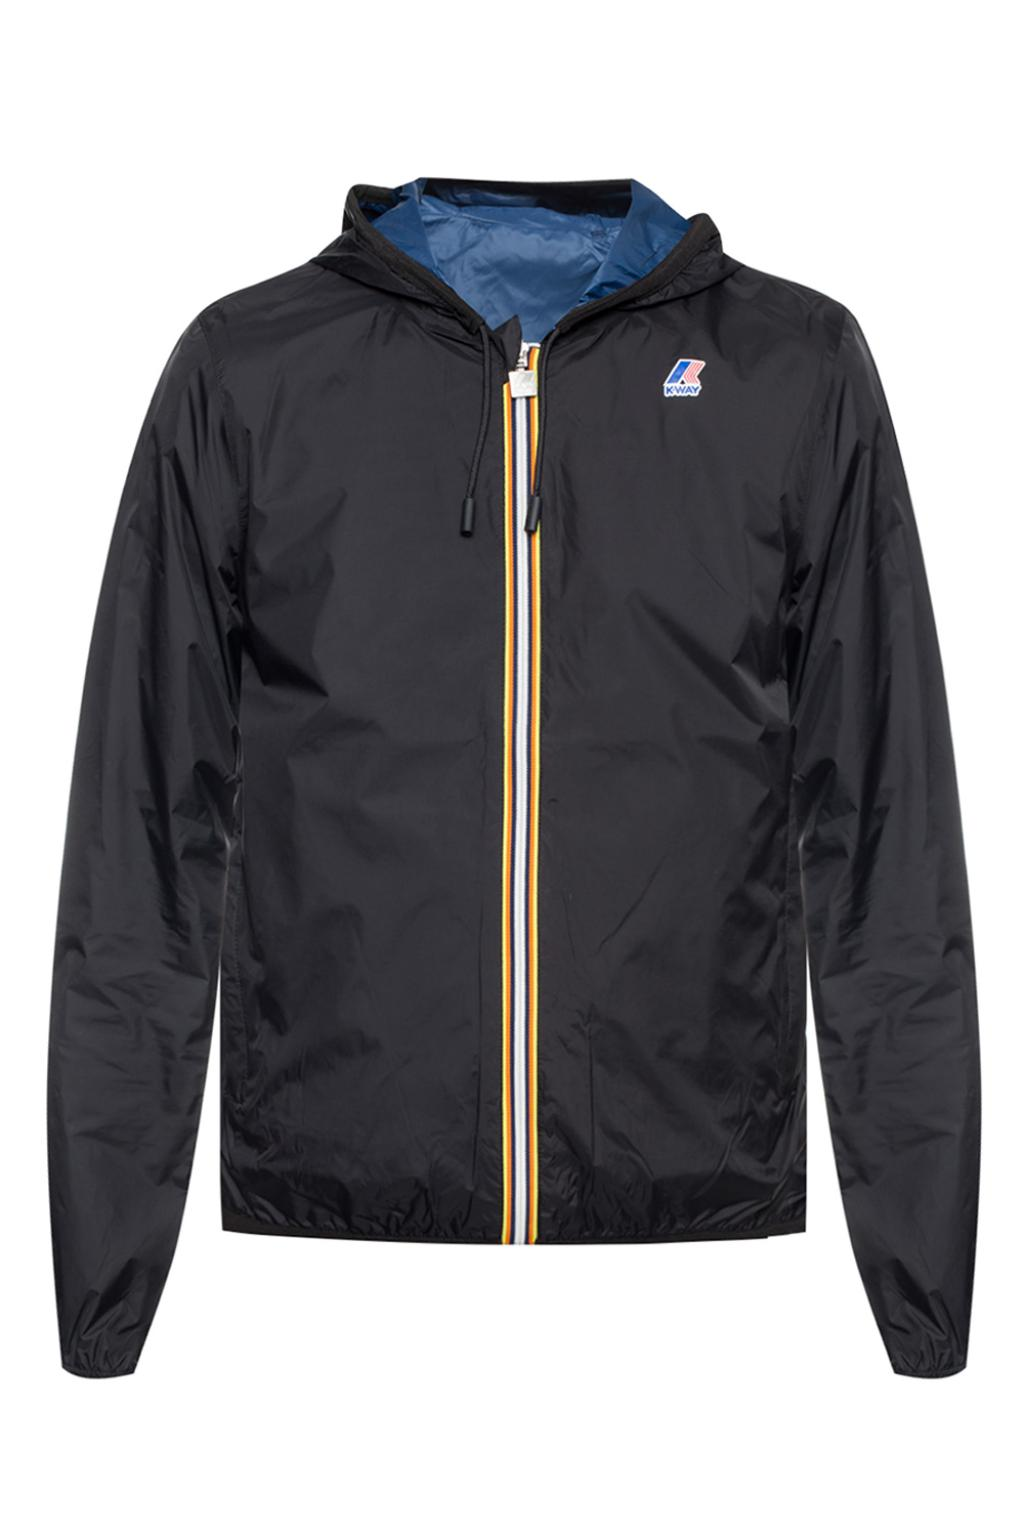 K-WAY Reversible jacket